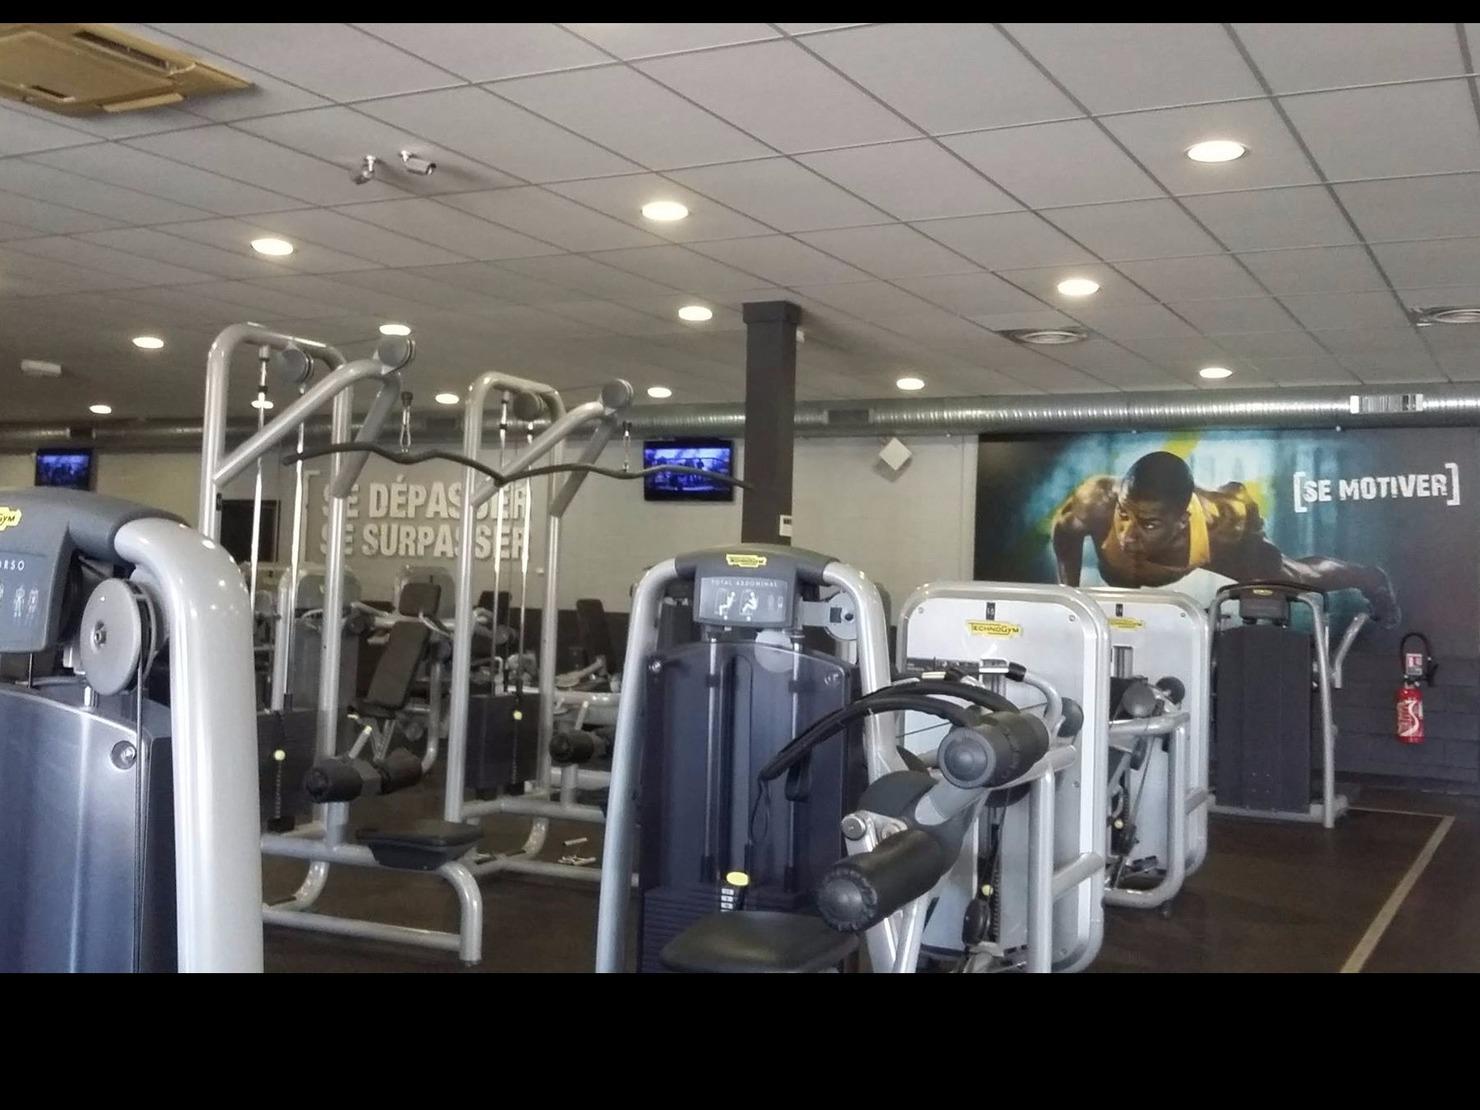 fitness park villeneuve d ascq tarifs avis horaires essai gratuit